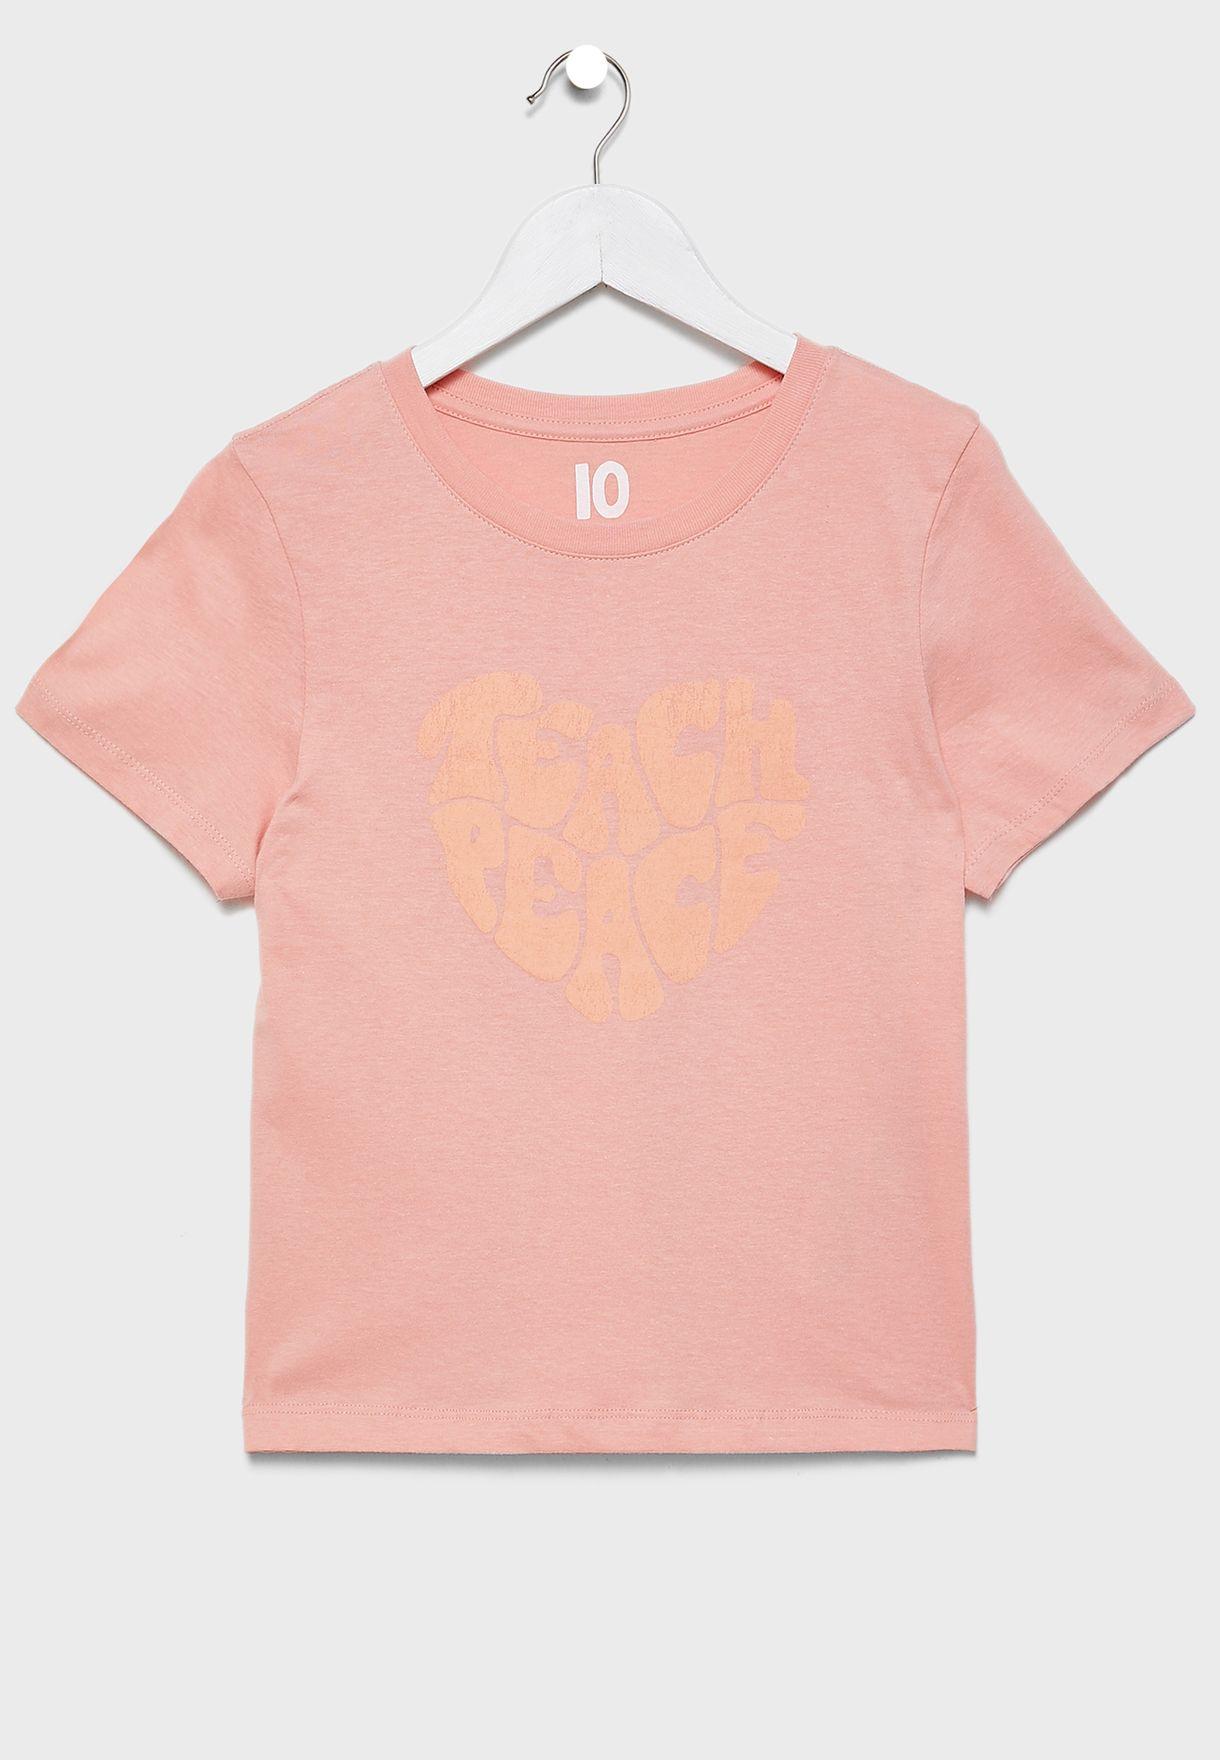 Kids Teach Peace T-Shirt